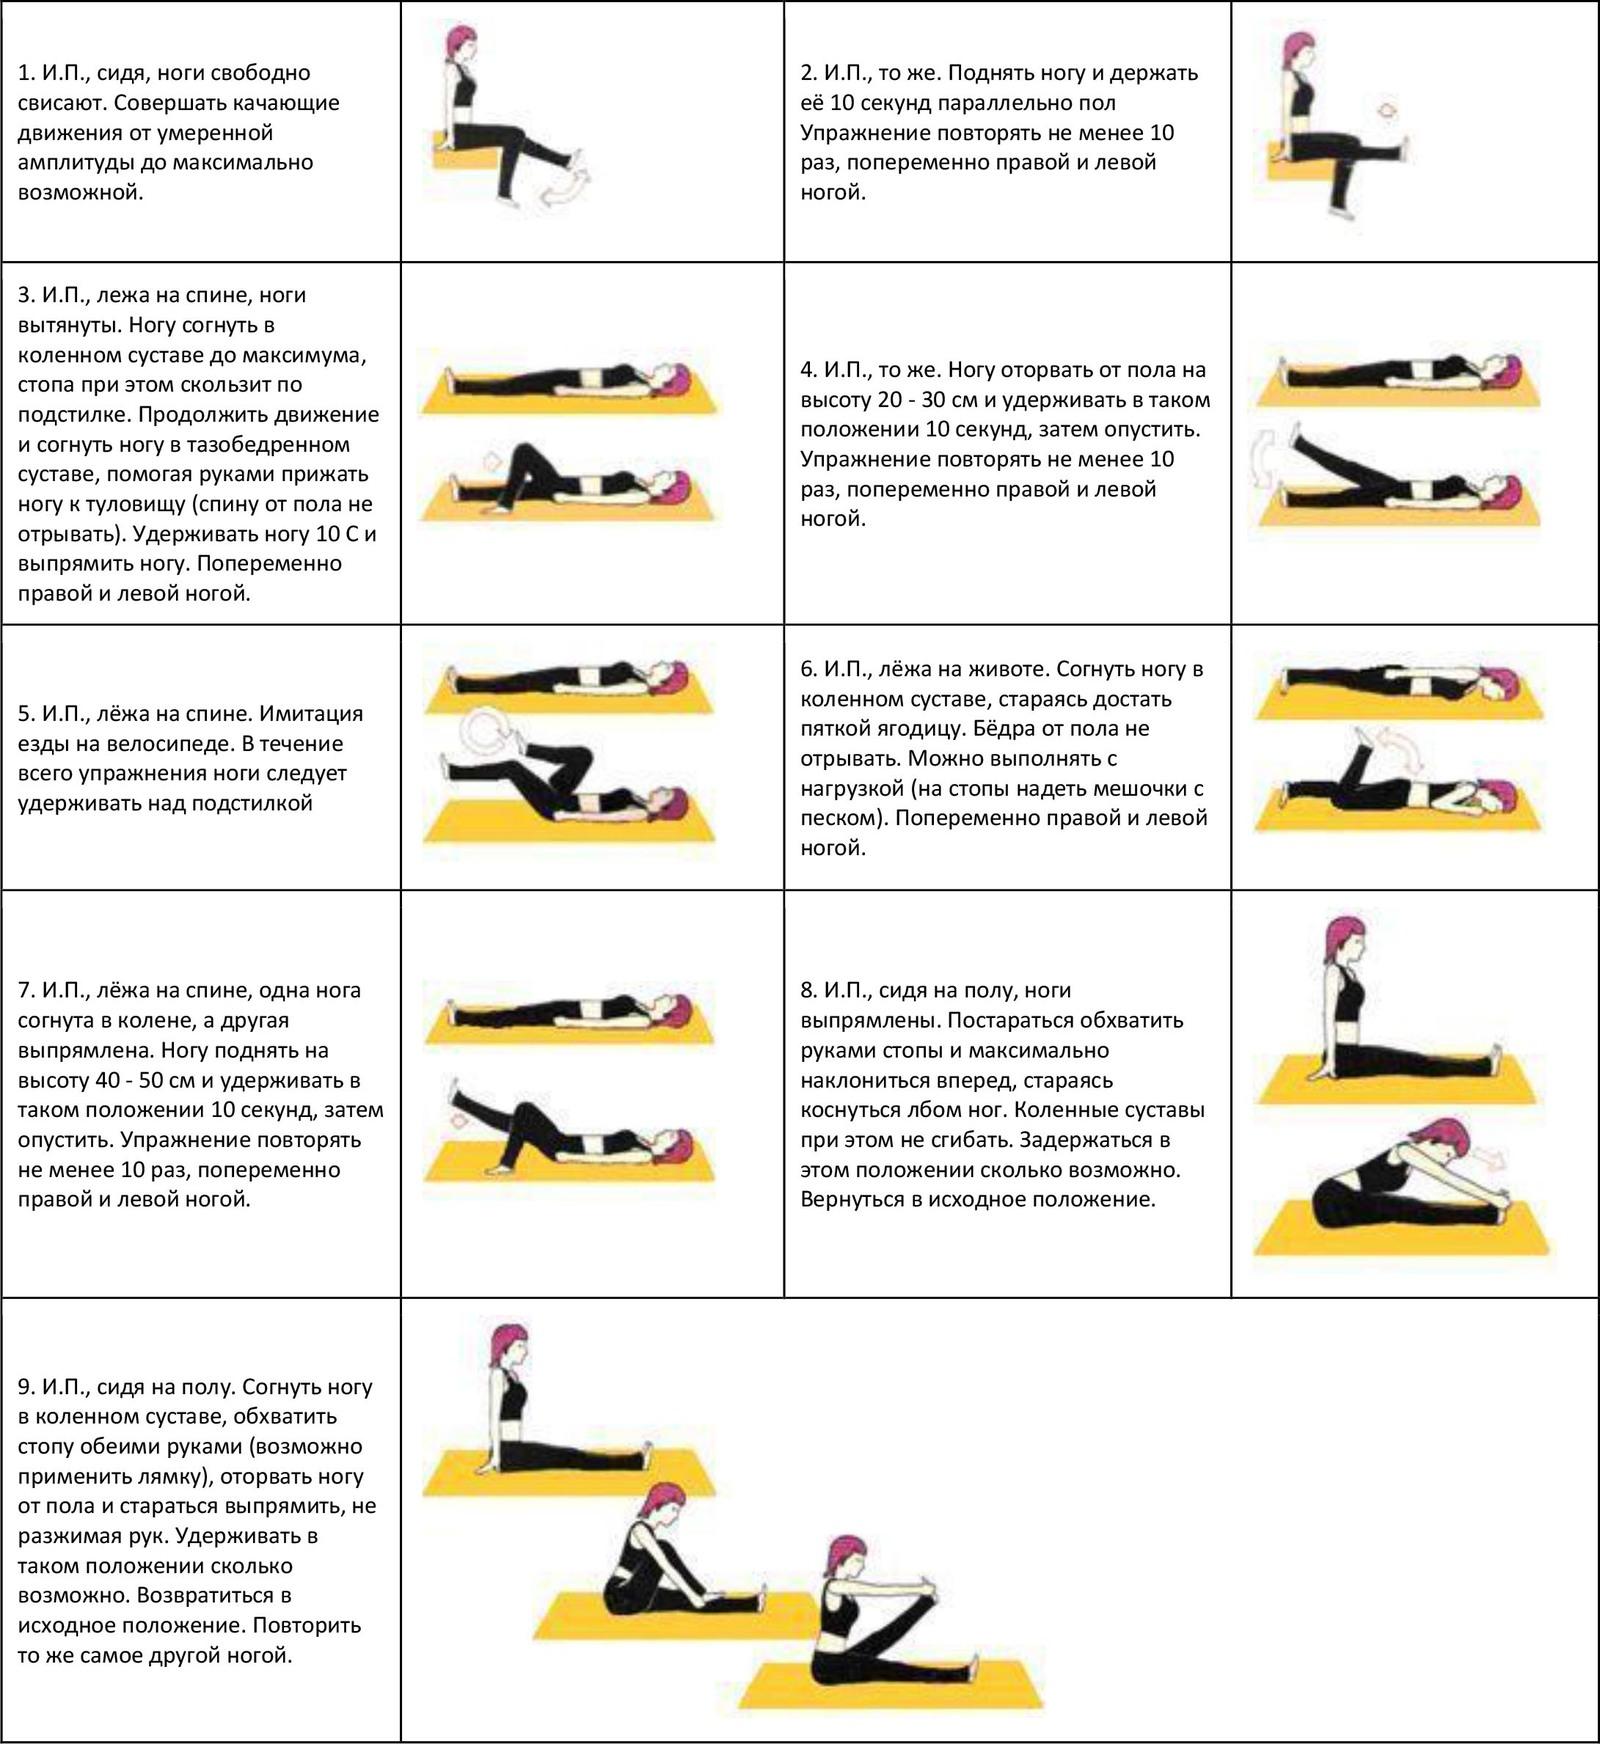 Тренажерный зал при грыже позвоночника: упражнения, тренировки, гиперэкстензия